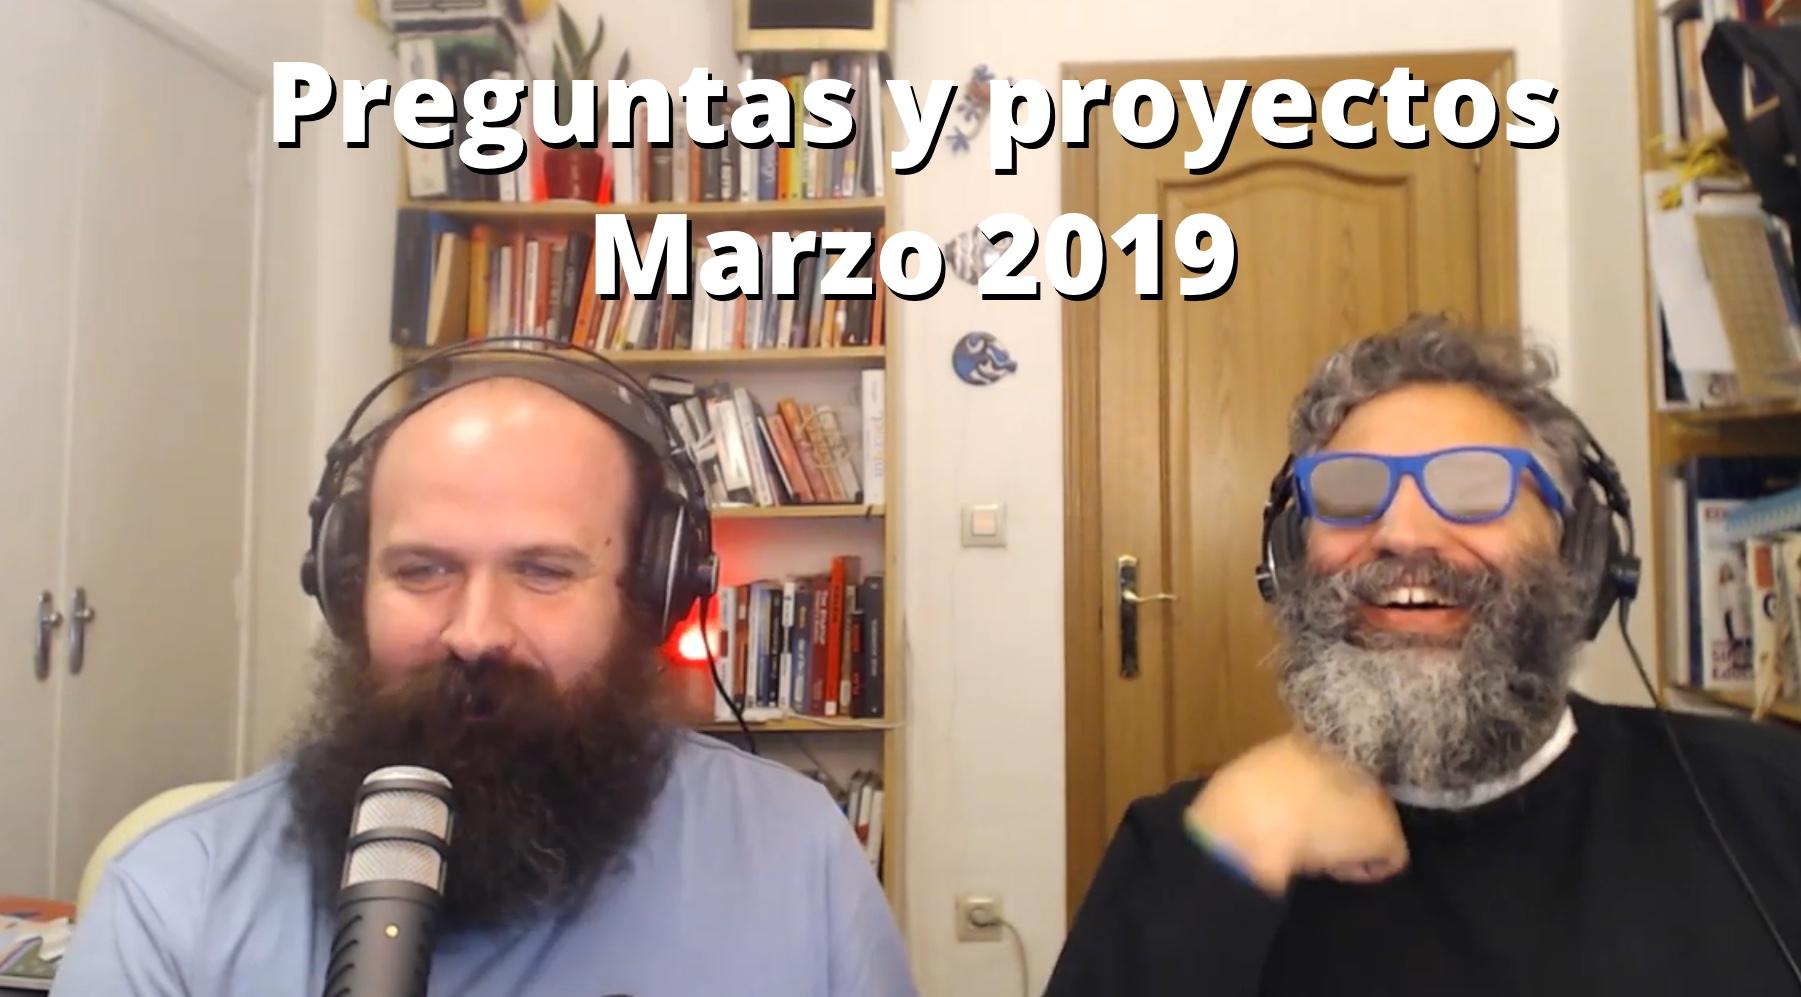 Preguntas y proyectos Marzo 2019